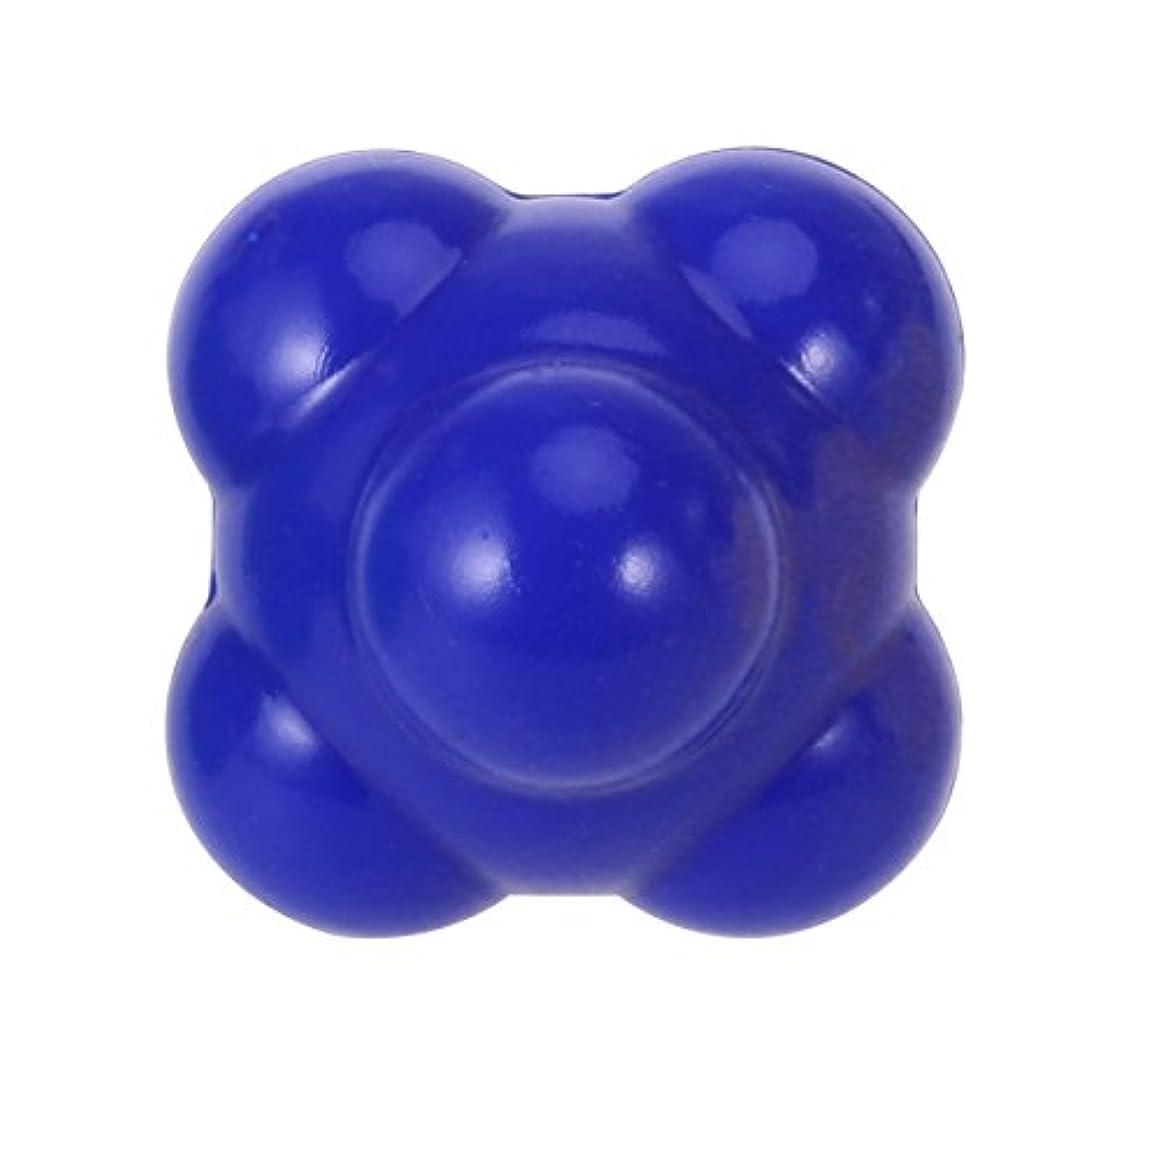 シビック振動する可塑性ROSENICE 敏捷性ボール58mm優れたハンドアイ配位の開発(ブルー)